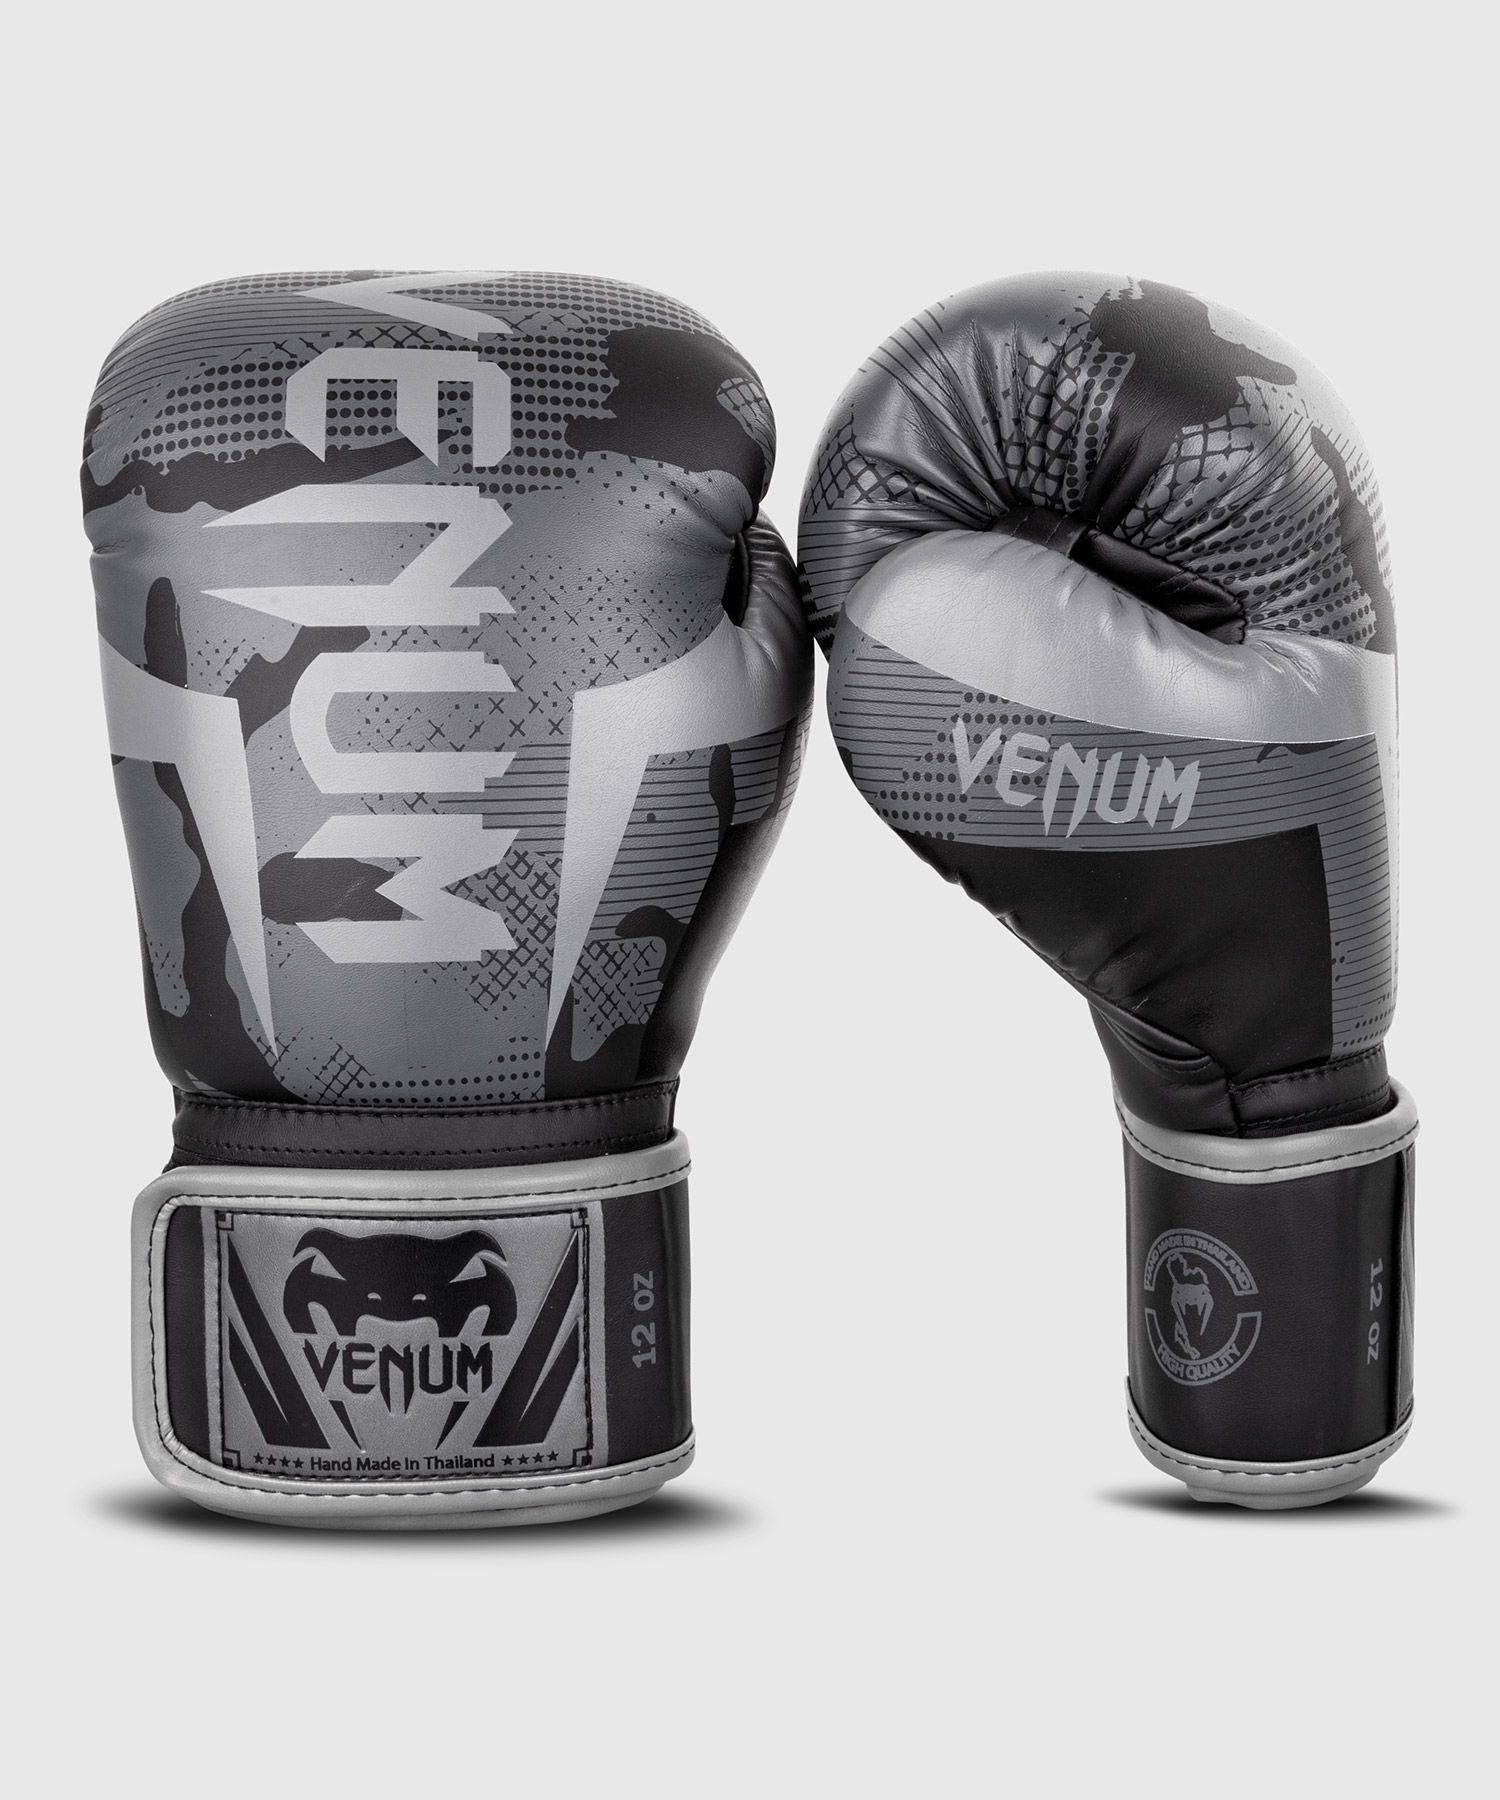 Guantoni da boxe Venum Elite - Nero/Camo scuro